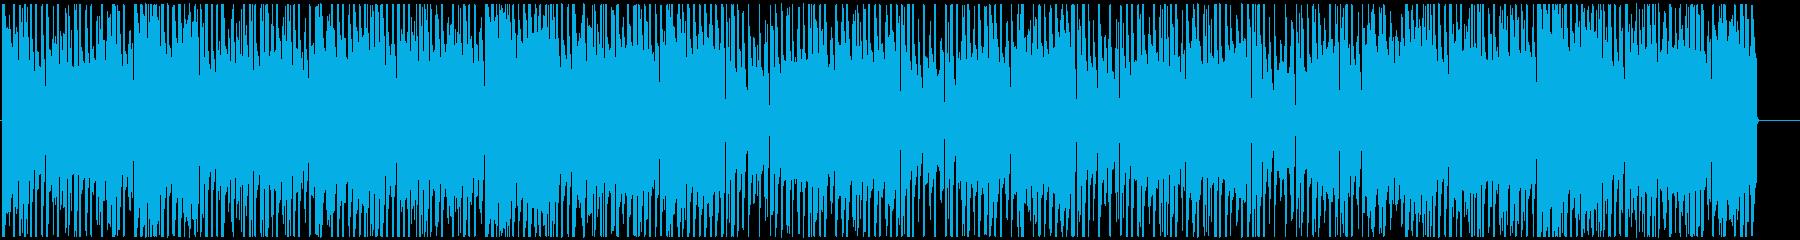 チルアウト 柔らかなR&Bバラードの再生済みの波形